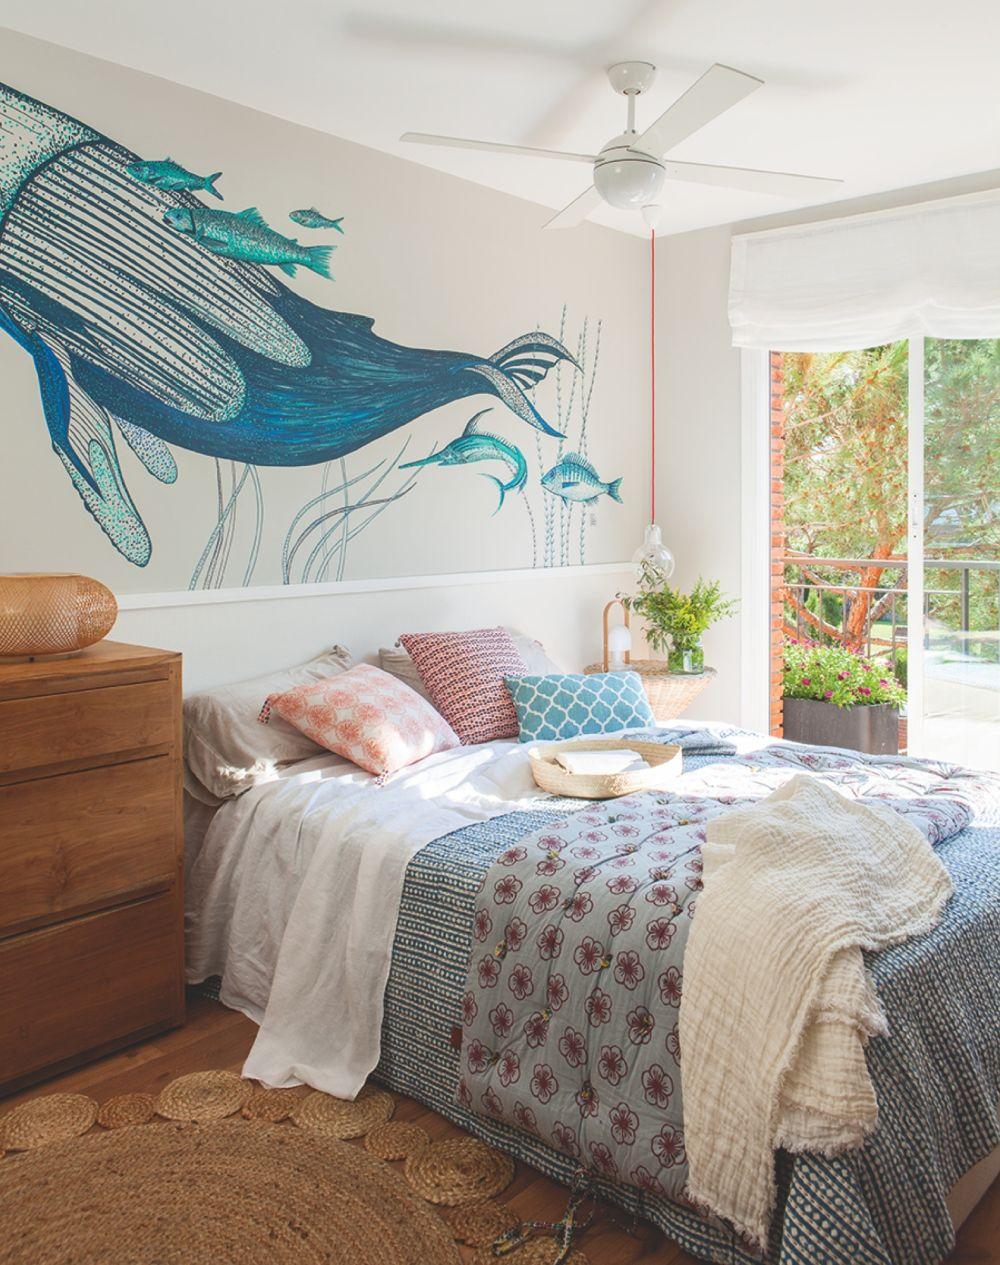 adelaparvu-com-despre-casa-in-stil-mediteranean-barcelona-designer-meritxell-ribe-22